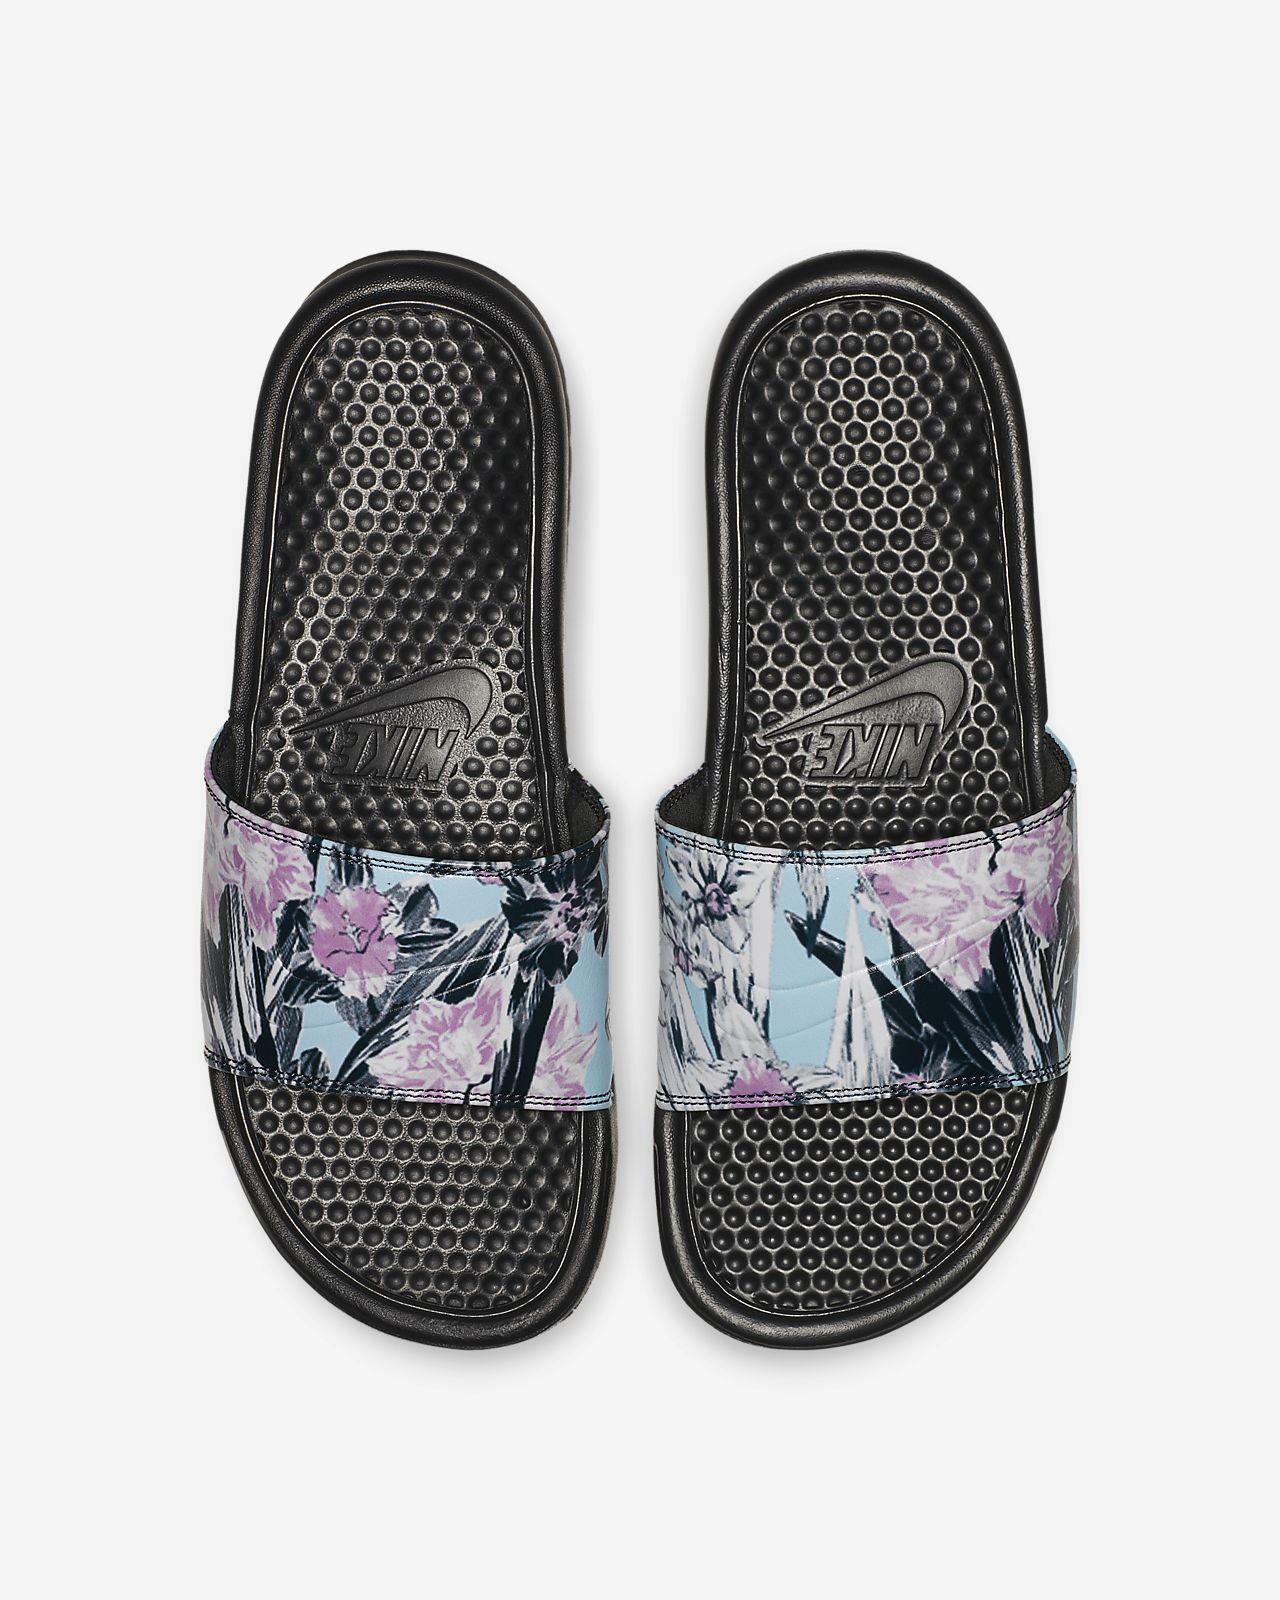 รองเท้าแตะผู้หญิงแบบสวม Nike Benassi JDI Floral